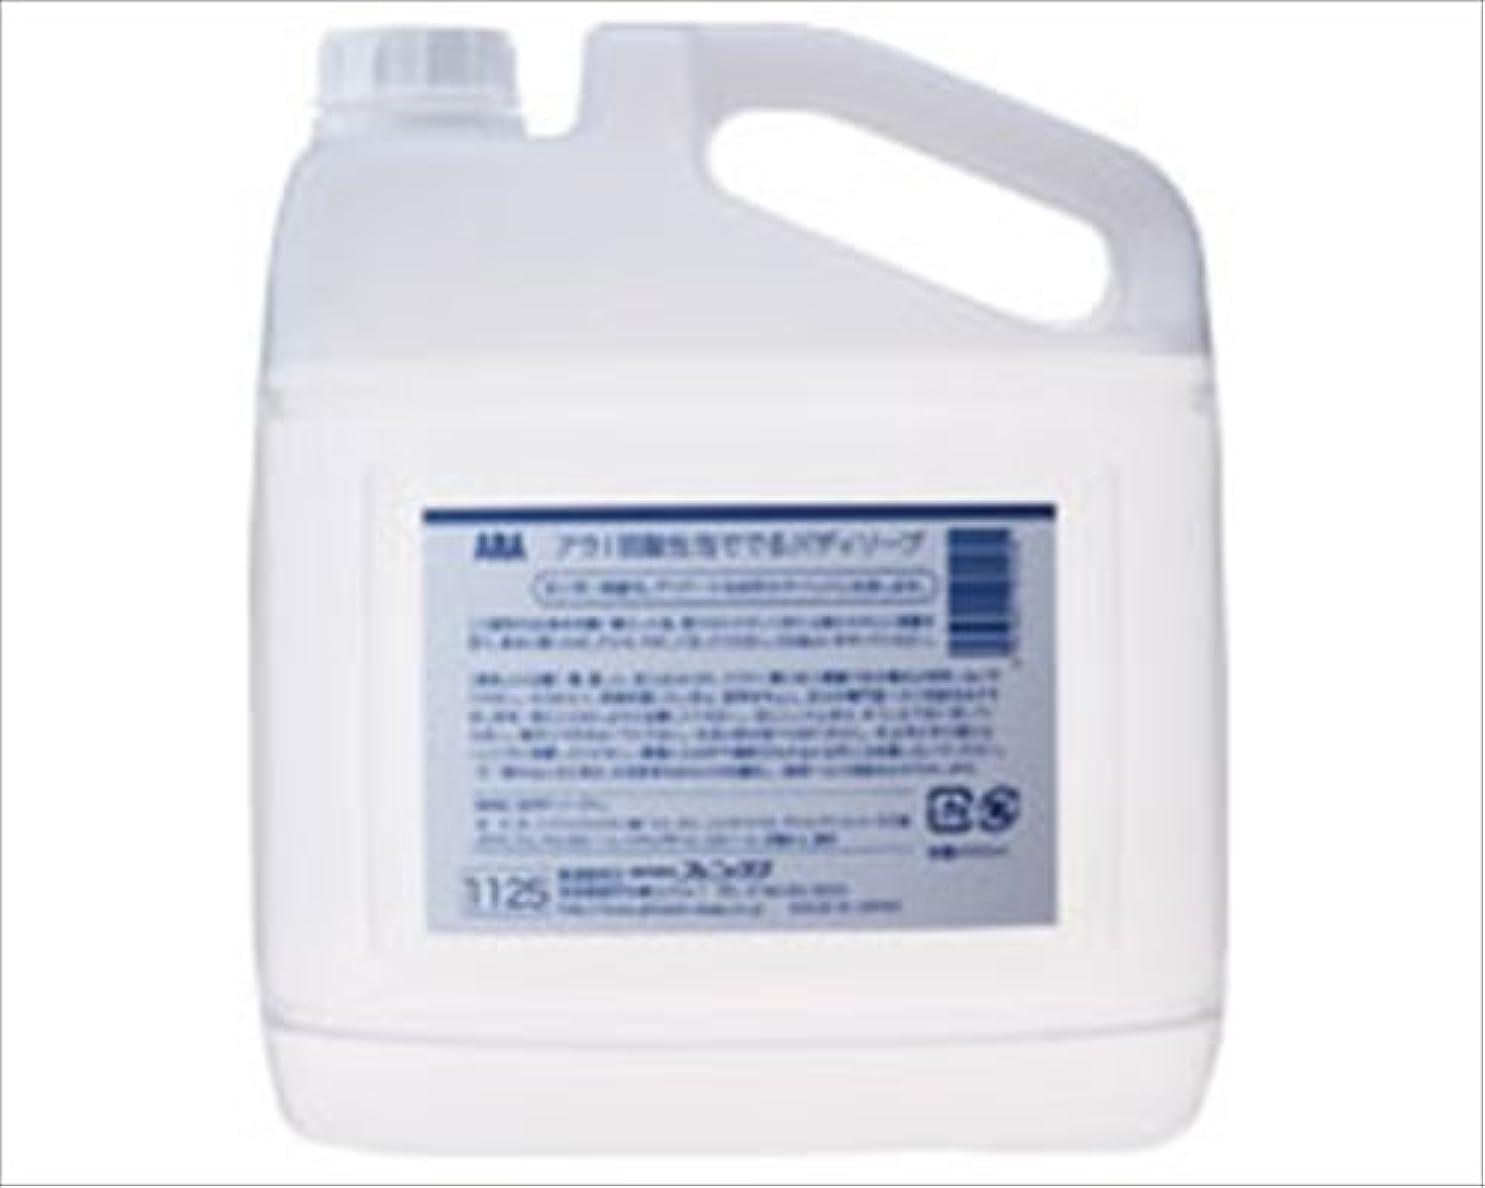 沼地ロック解除モルヒネ弱酸性泡ででるボディソープ (アラ) 4L /7-2238-02